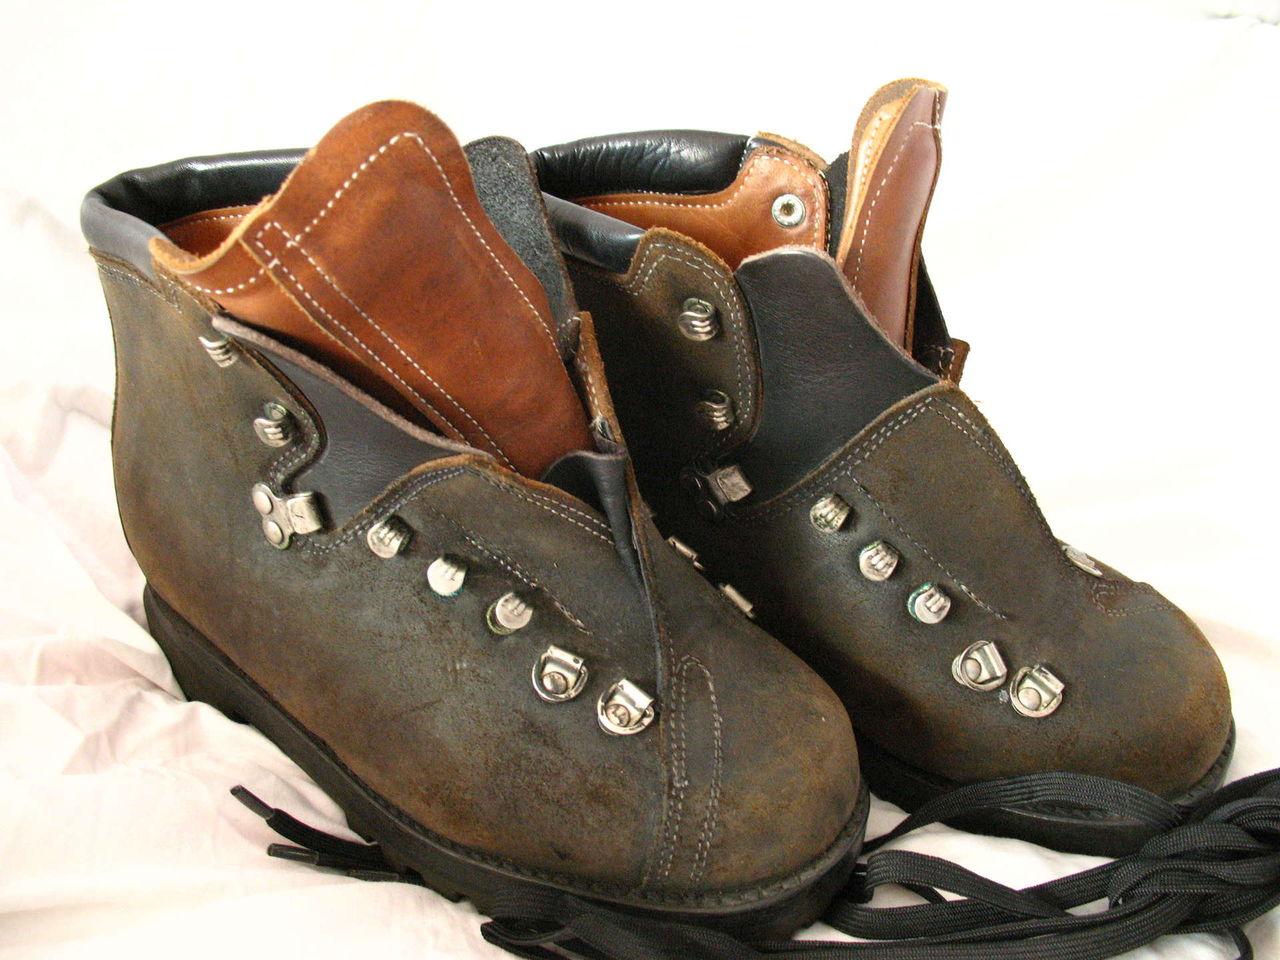 Горные ботинки ALPIN - Защитные, из юфти - Stihl